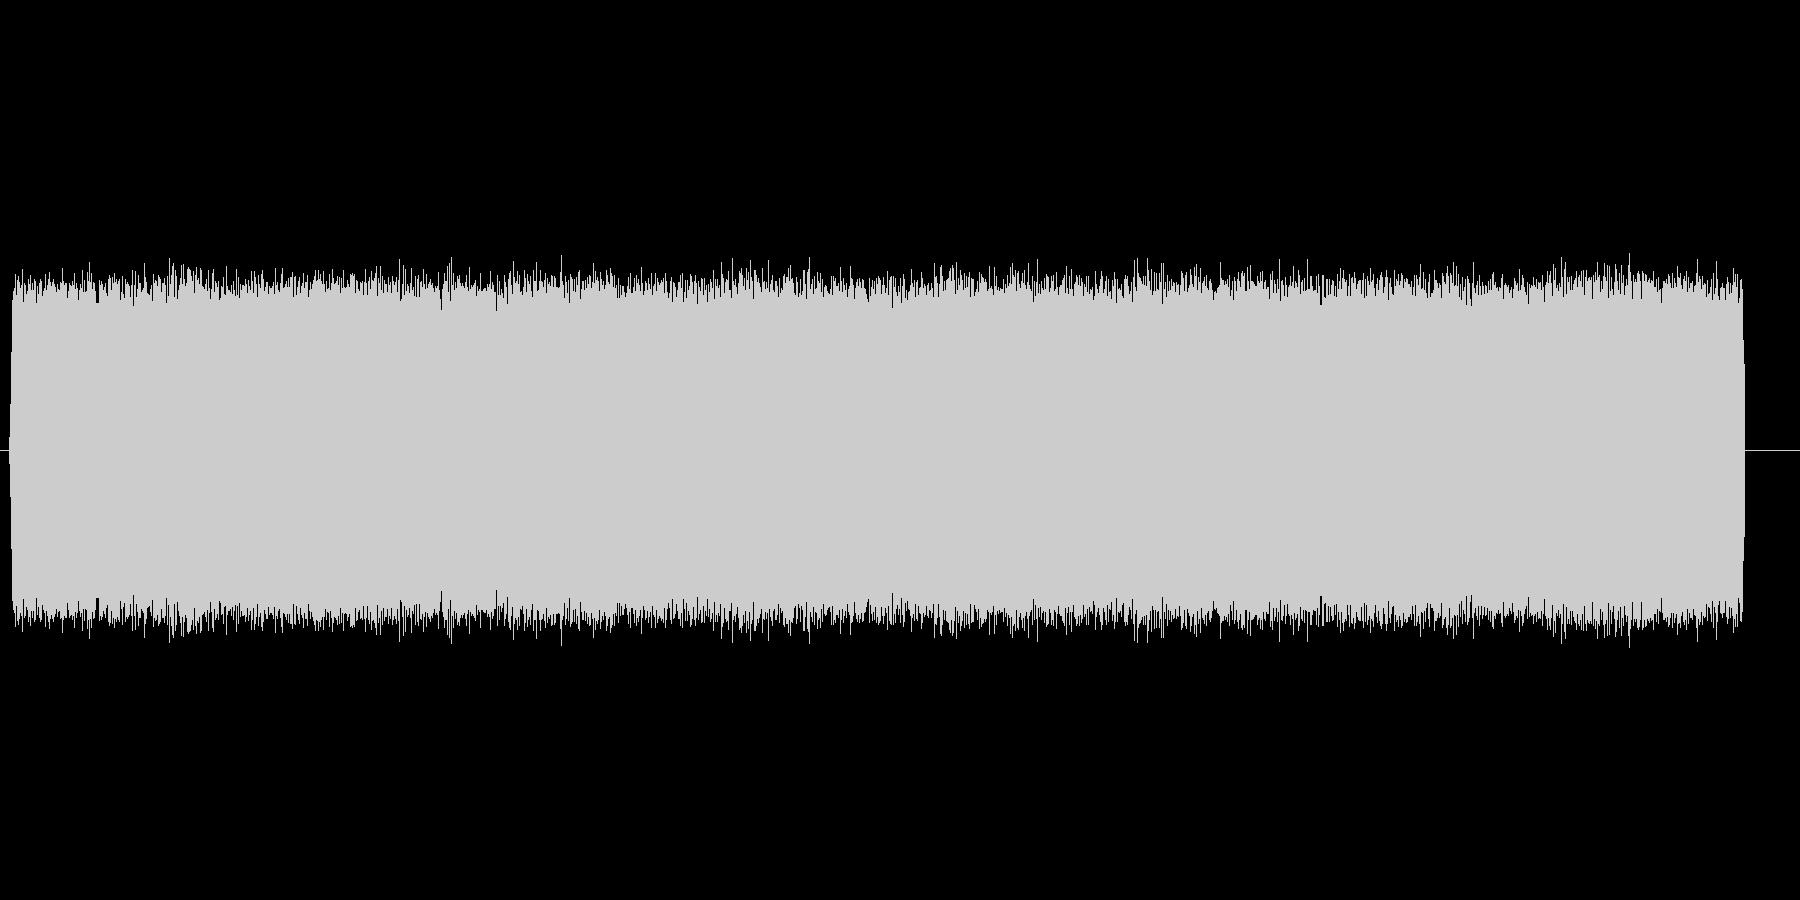 【ピロピロ、アナログ】可愛いレーザー音の未再生の波形